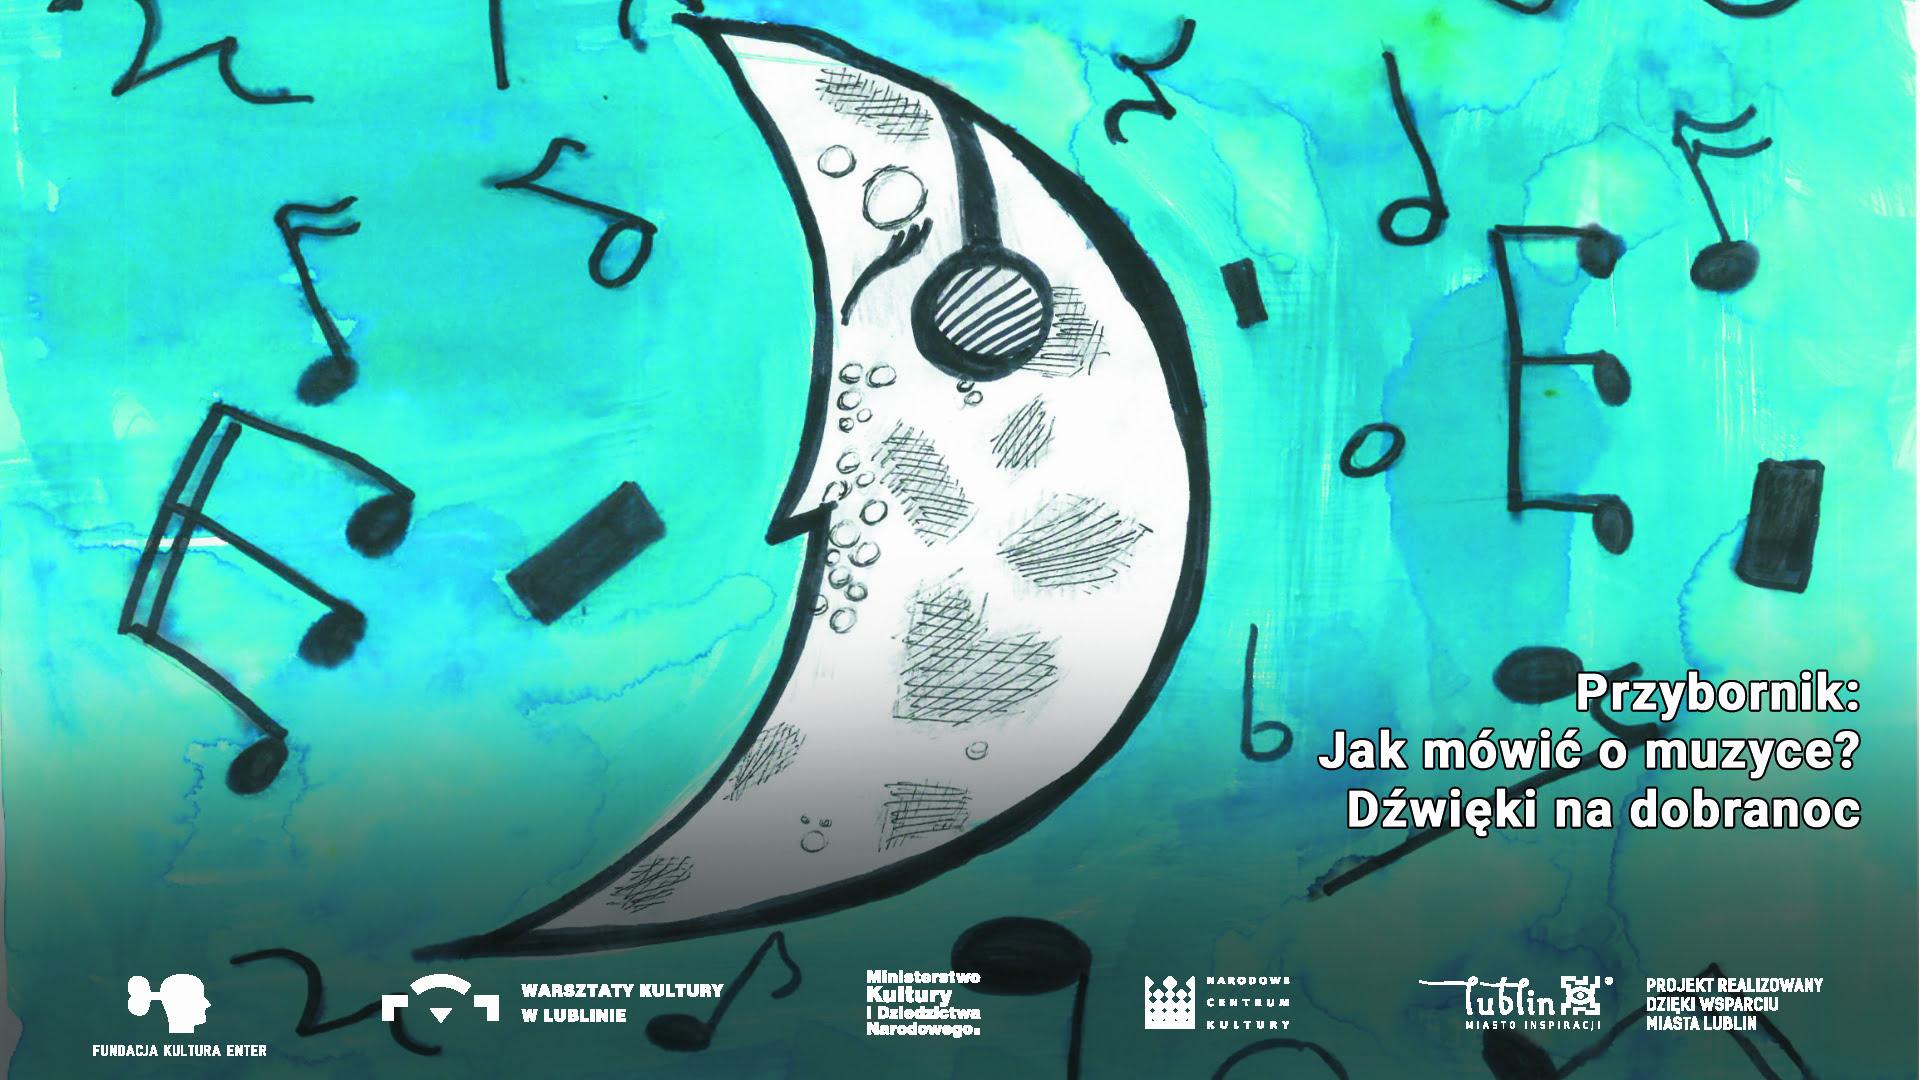 obrazek przedstawia półksiężyc ze słuchawkami, wokół pełno nut, wszystko na tle w kolorze ciemnozielonym. Po prawej stronie tytuł wydarzenia a na samym dole logotypy organizatorów i współorganizatorów. Autorką ilustracji jest Nina Starzyńska.